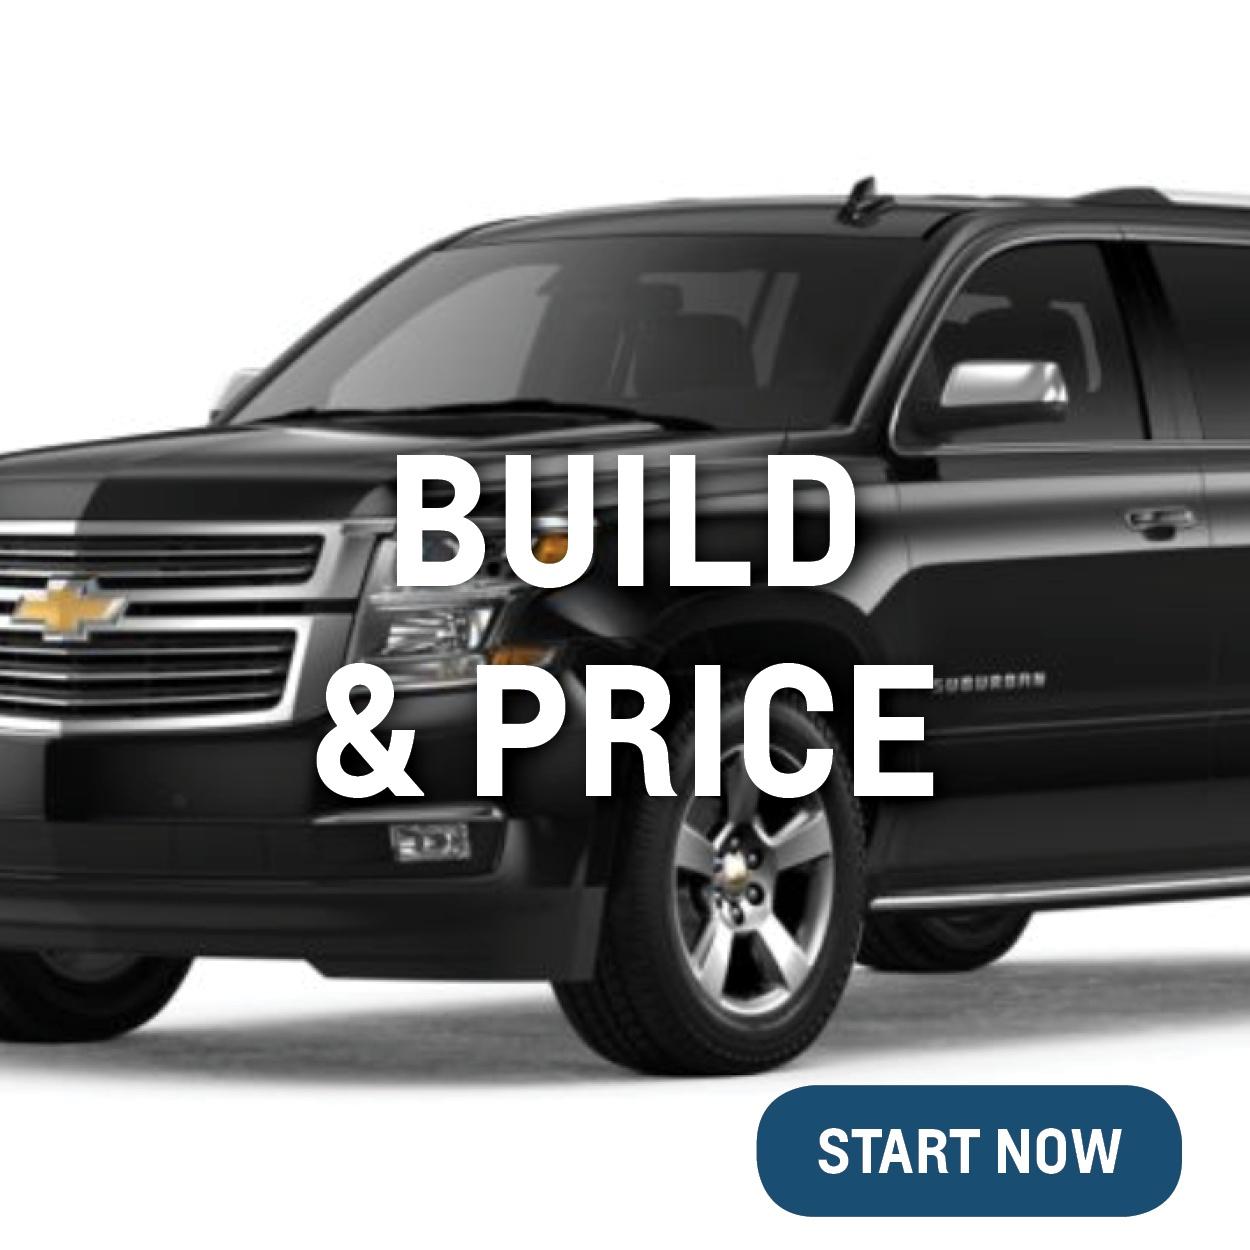 Build & Price